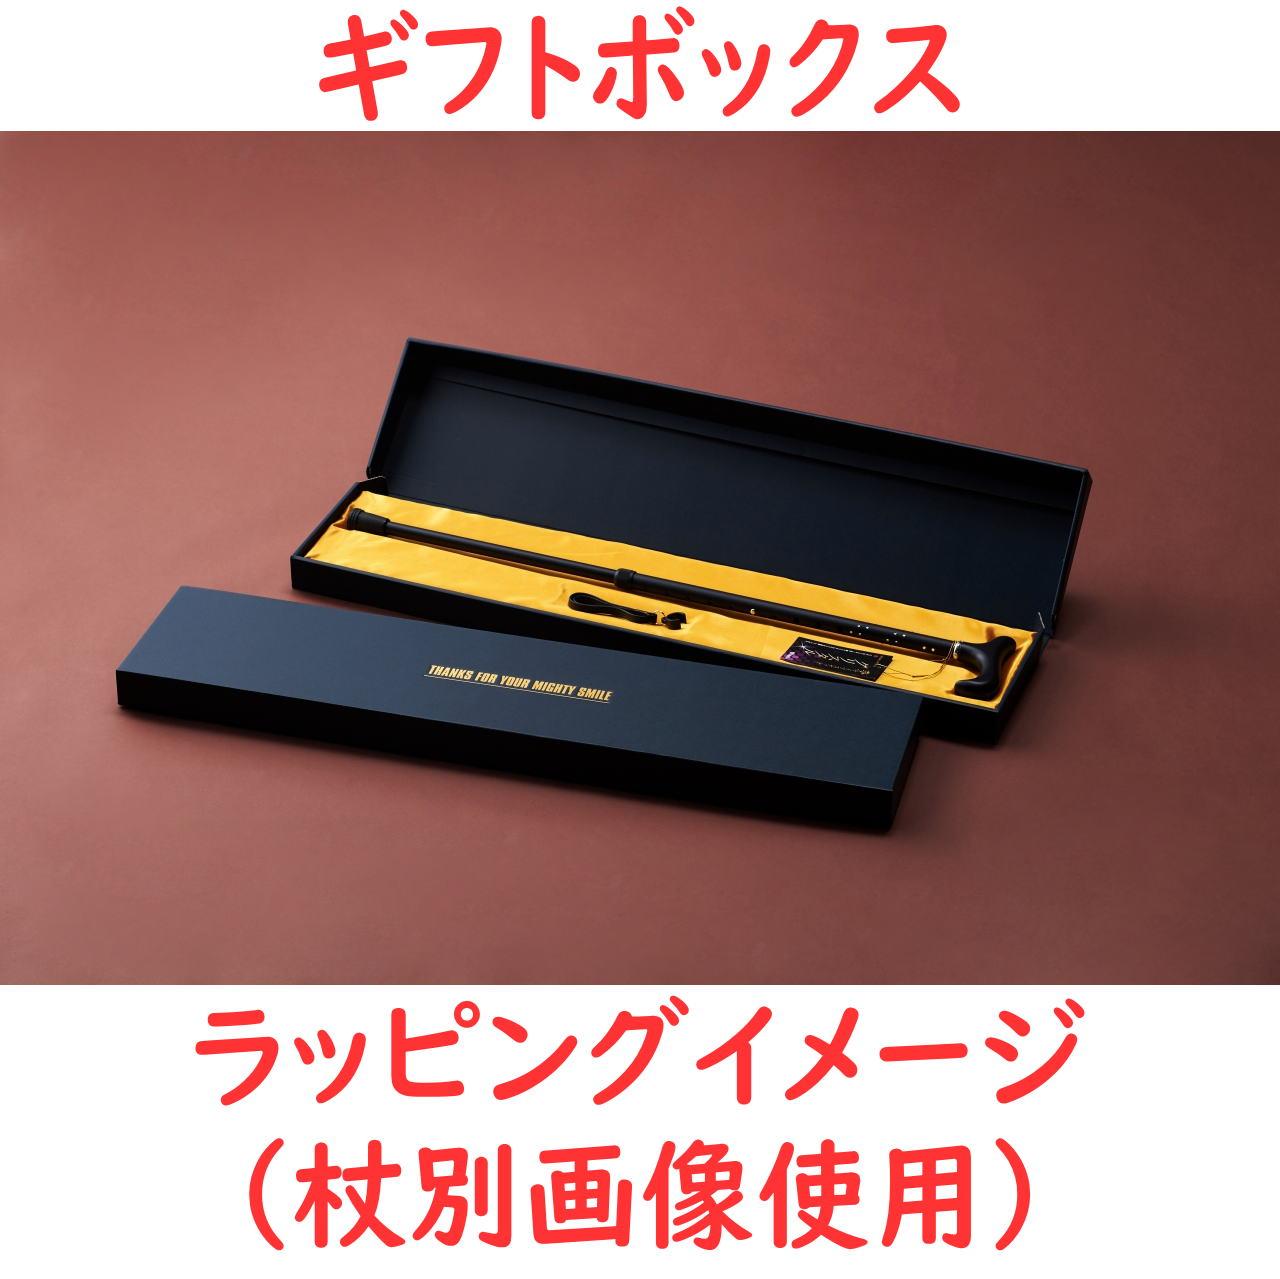 ☆ギフトボックス可☆ 夢ライフステッキ 柄杖伸縮型(スリムタイプ) 桜ブラック